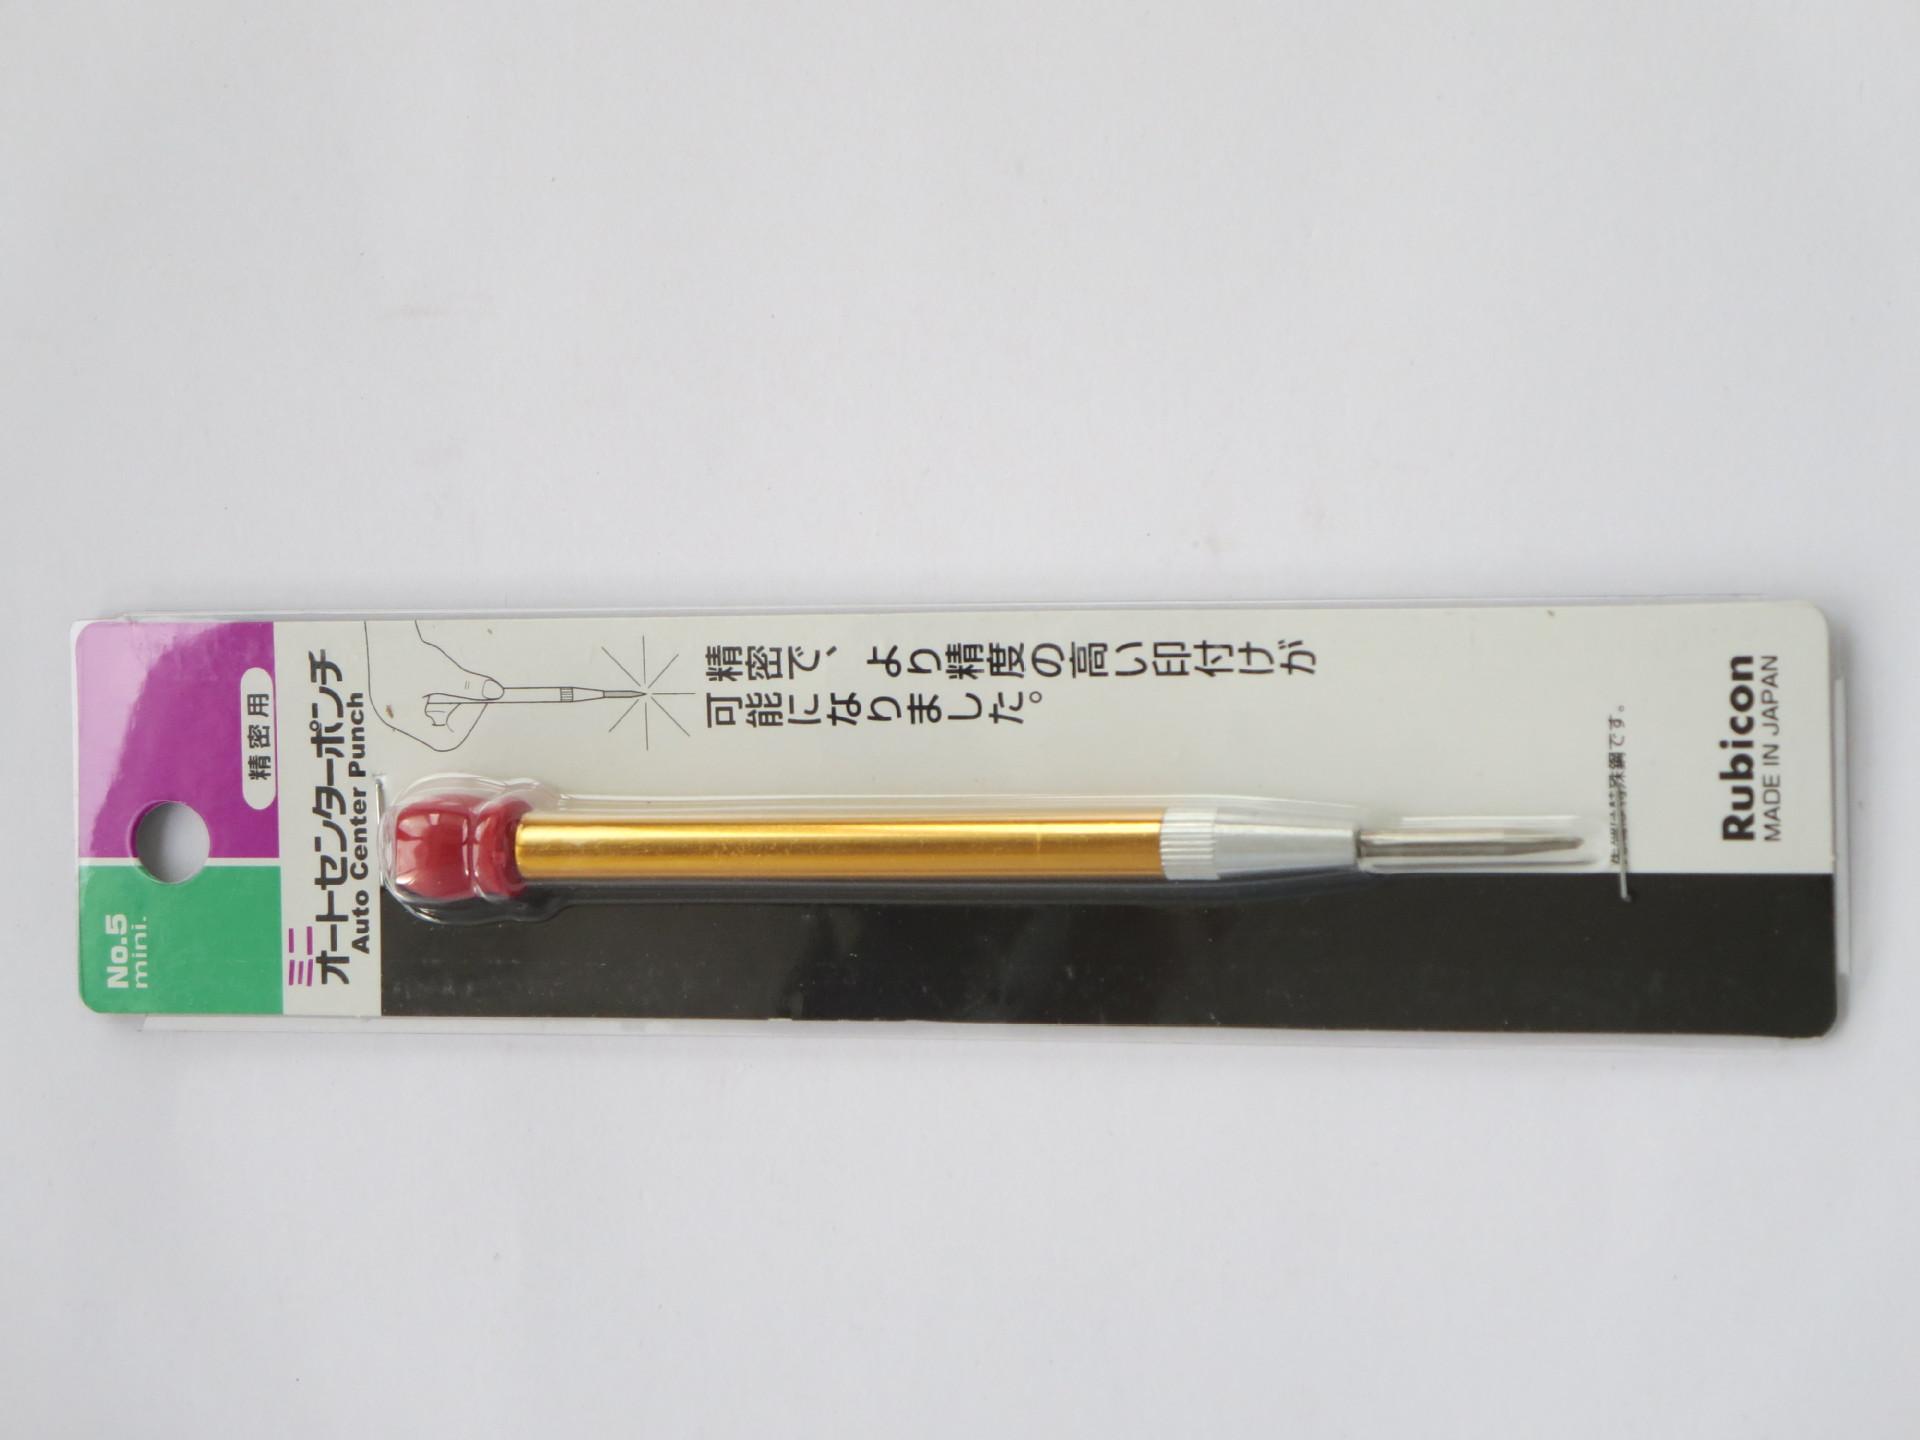 原装正品定位冲子 供应日本罗宾汉定位冲子5 10 15 定位冲